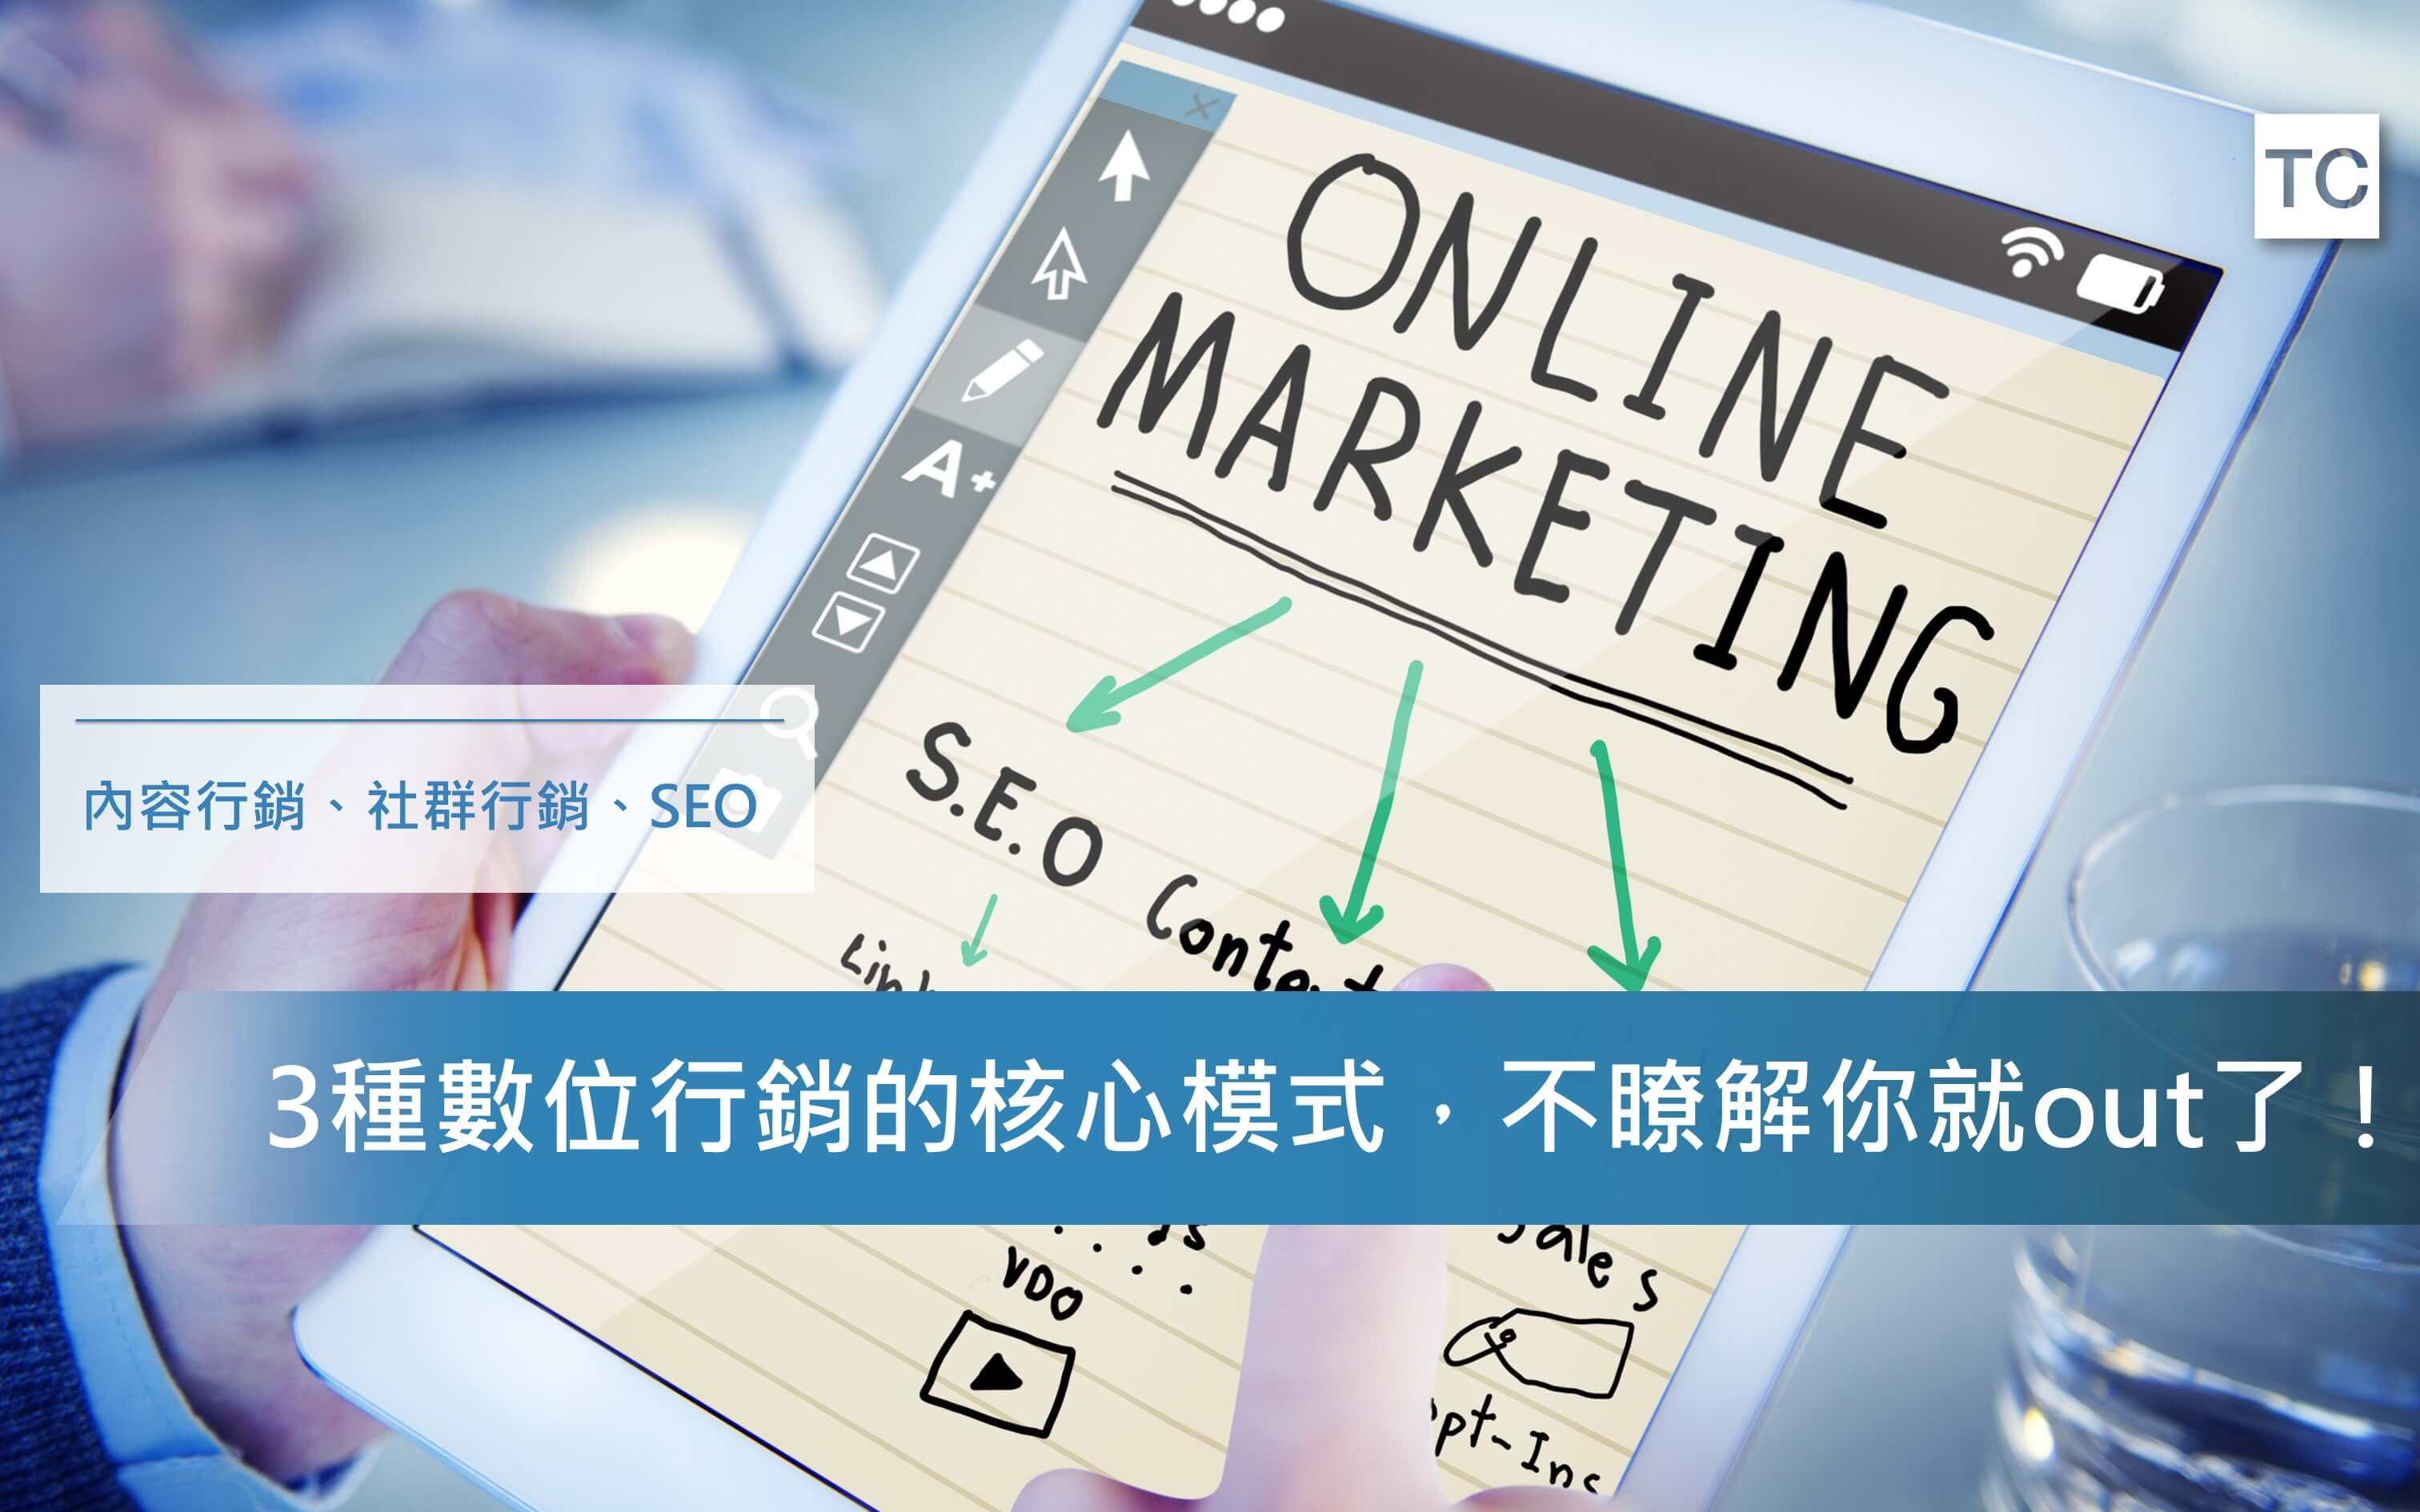 數位行銷不可不知的3種核心行銷模式, 詳盡介紹與案例說明